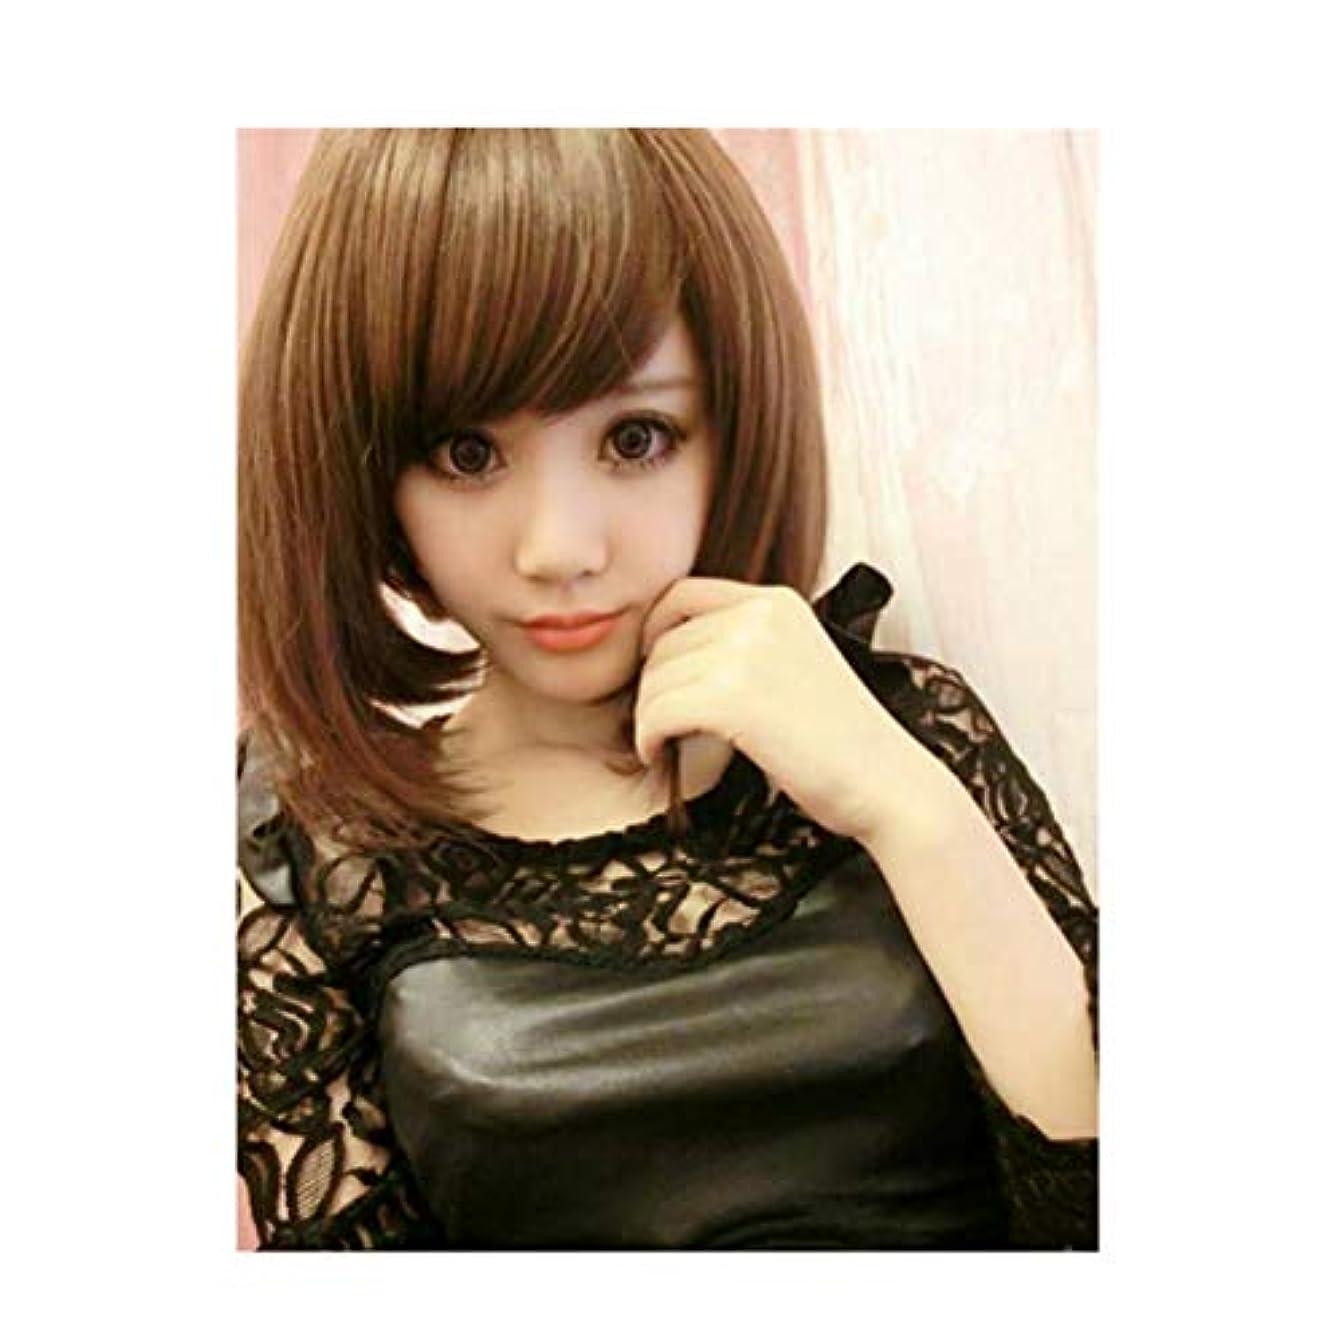 目的おかしいシーンかつら女性の茶色の斜め前髪化学繊維ショートヘア高温ワイヤーLH2201 (ライトブラウン)